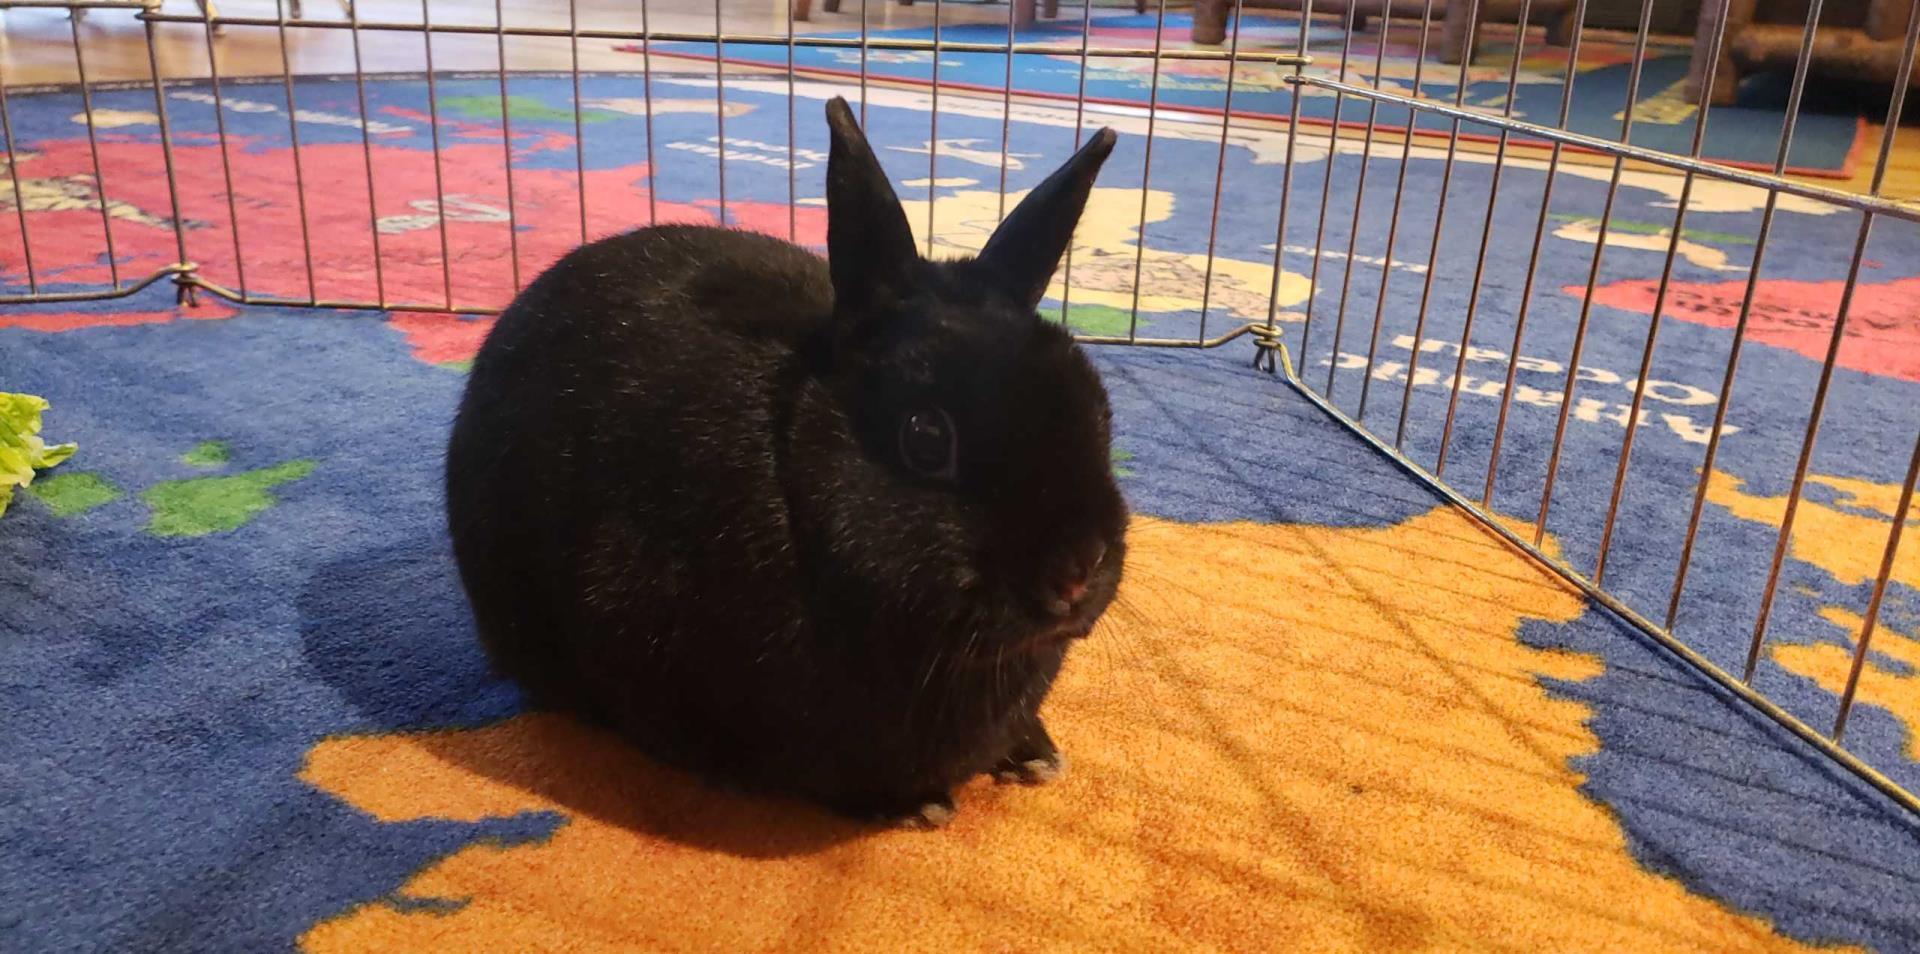 Smokie the Rabbit